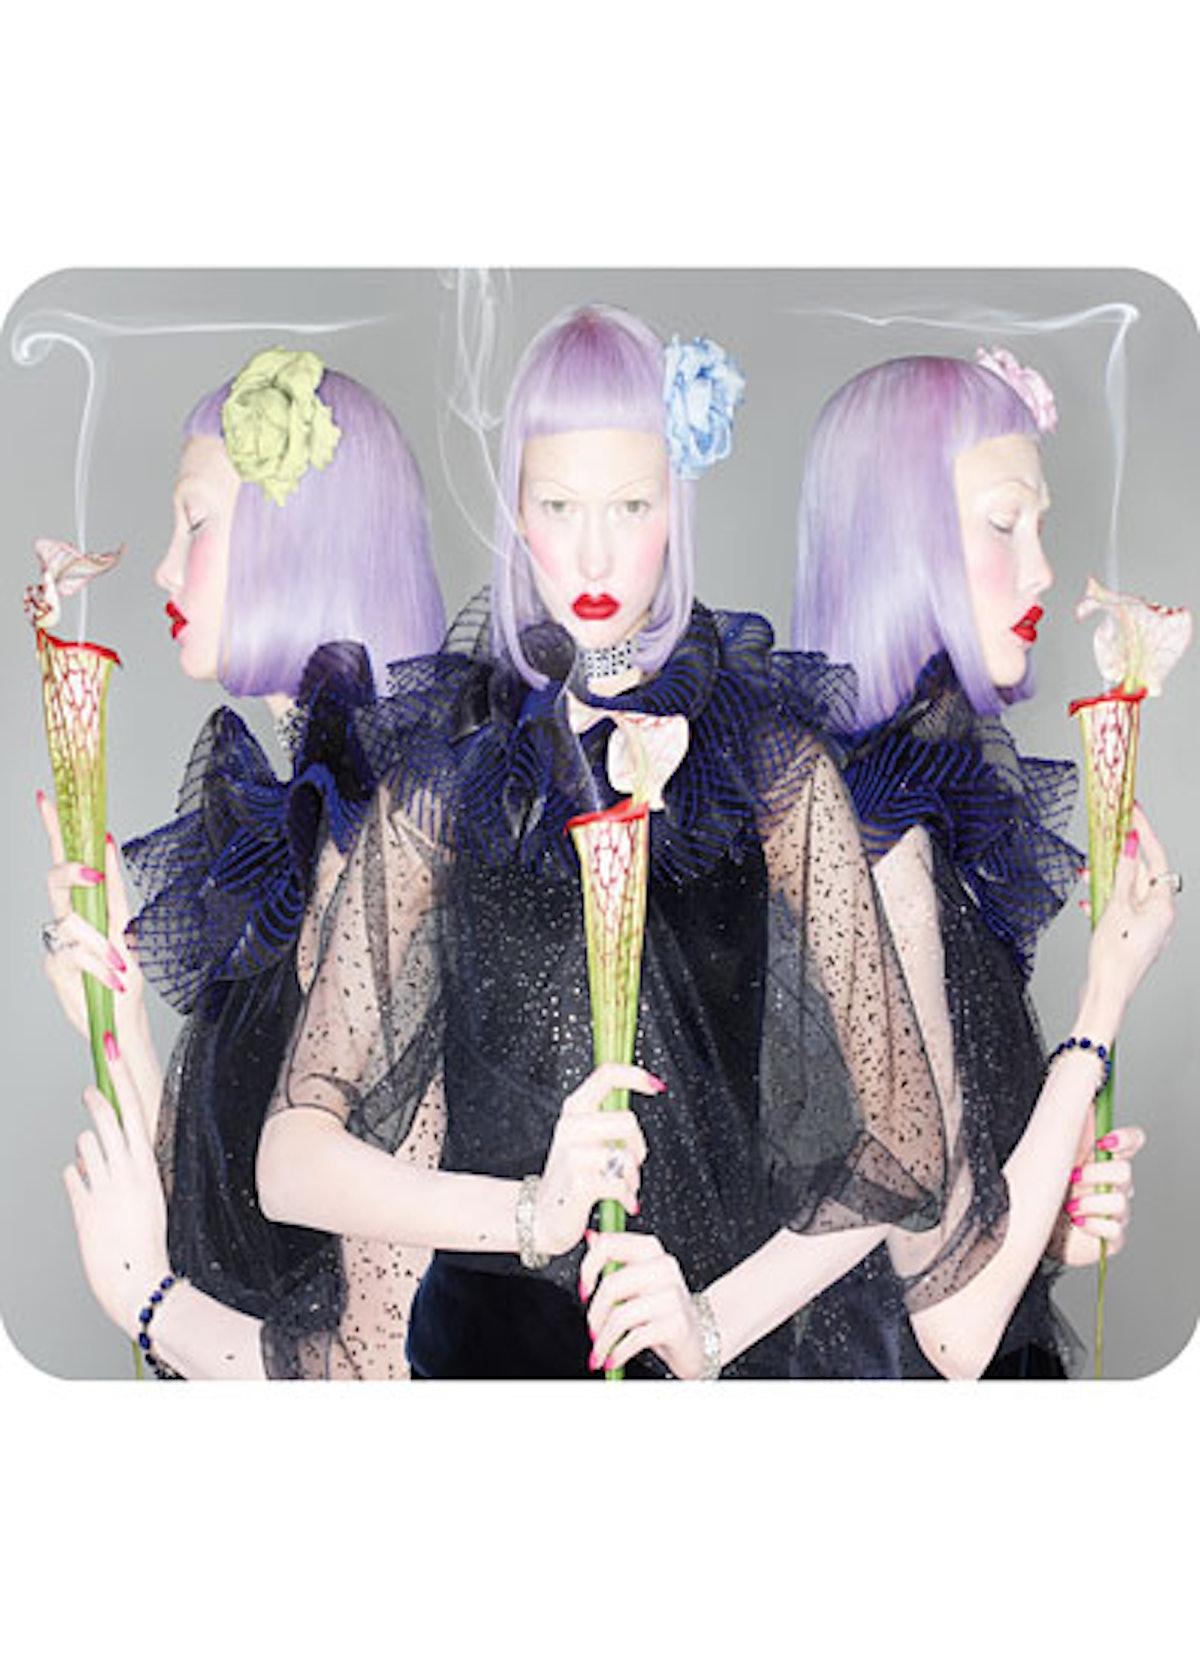 bess-val-garland-makeup-artist-04-v.jpg